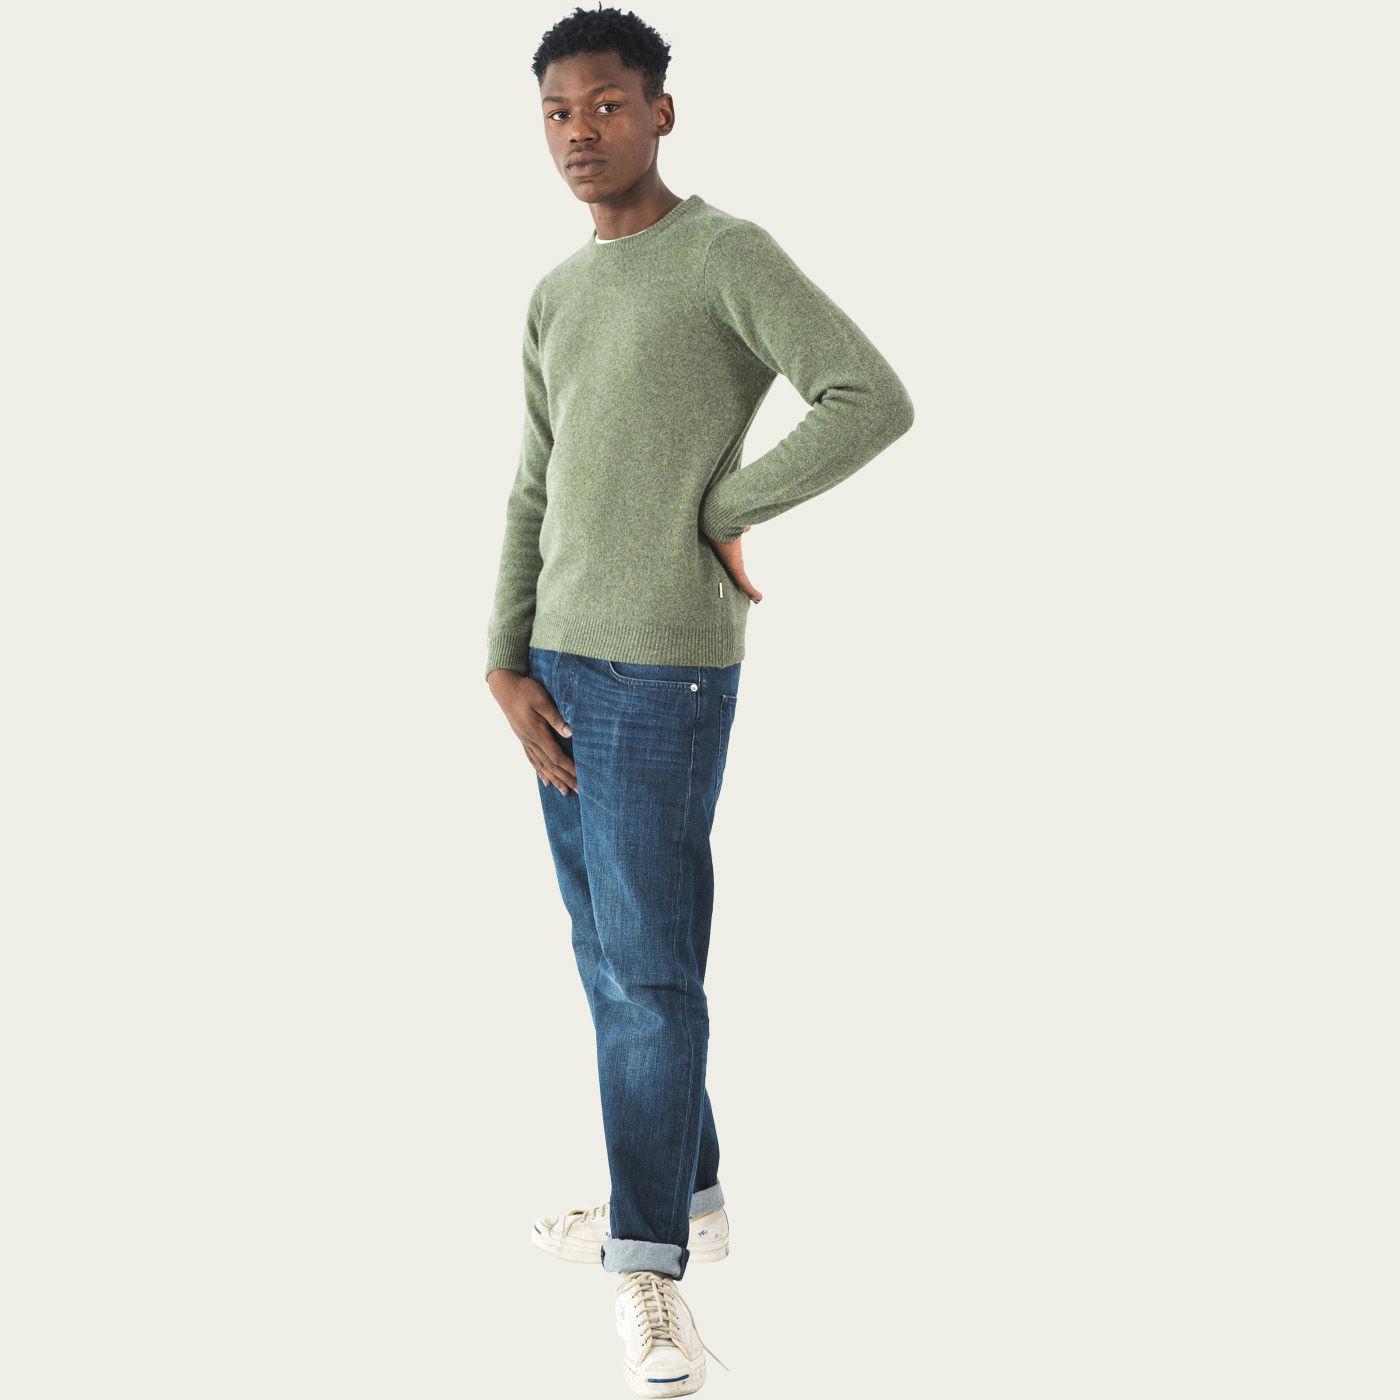 Khaki Murillo Knitwear  1